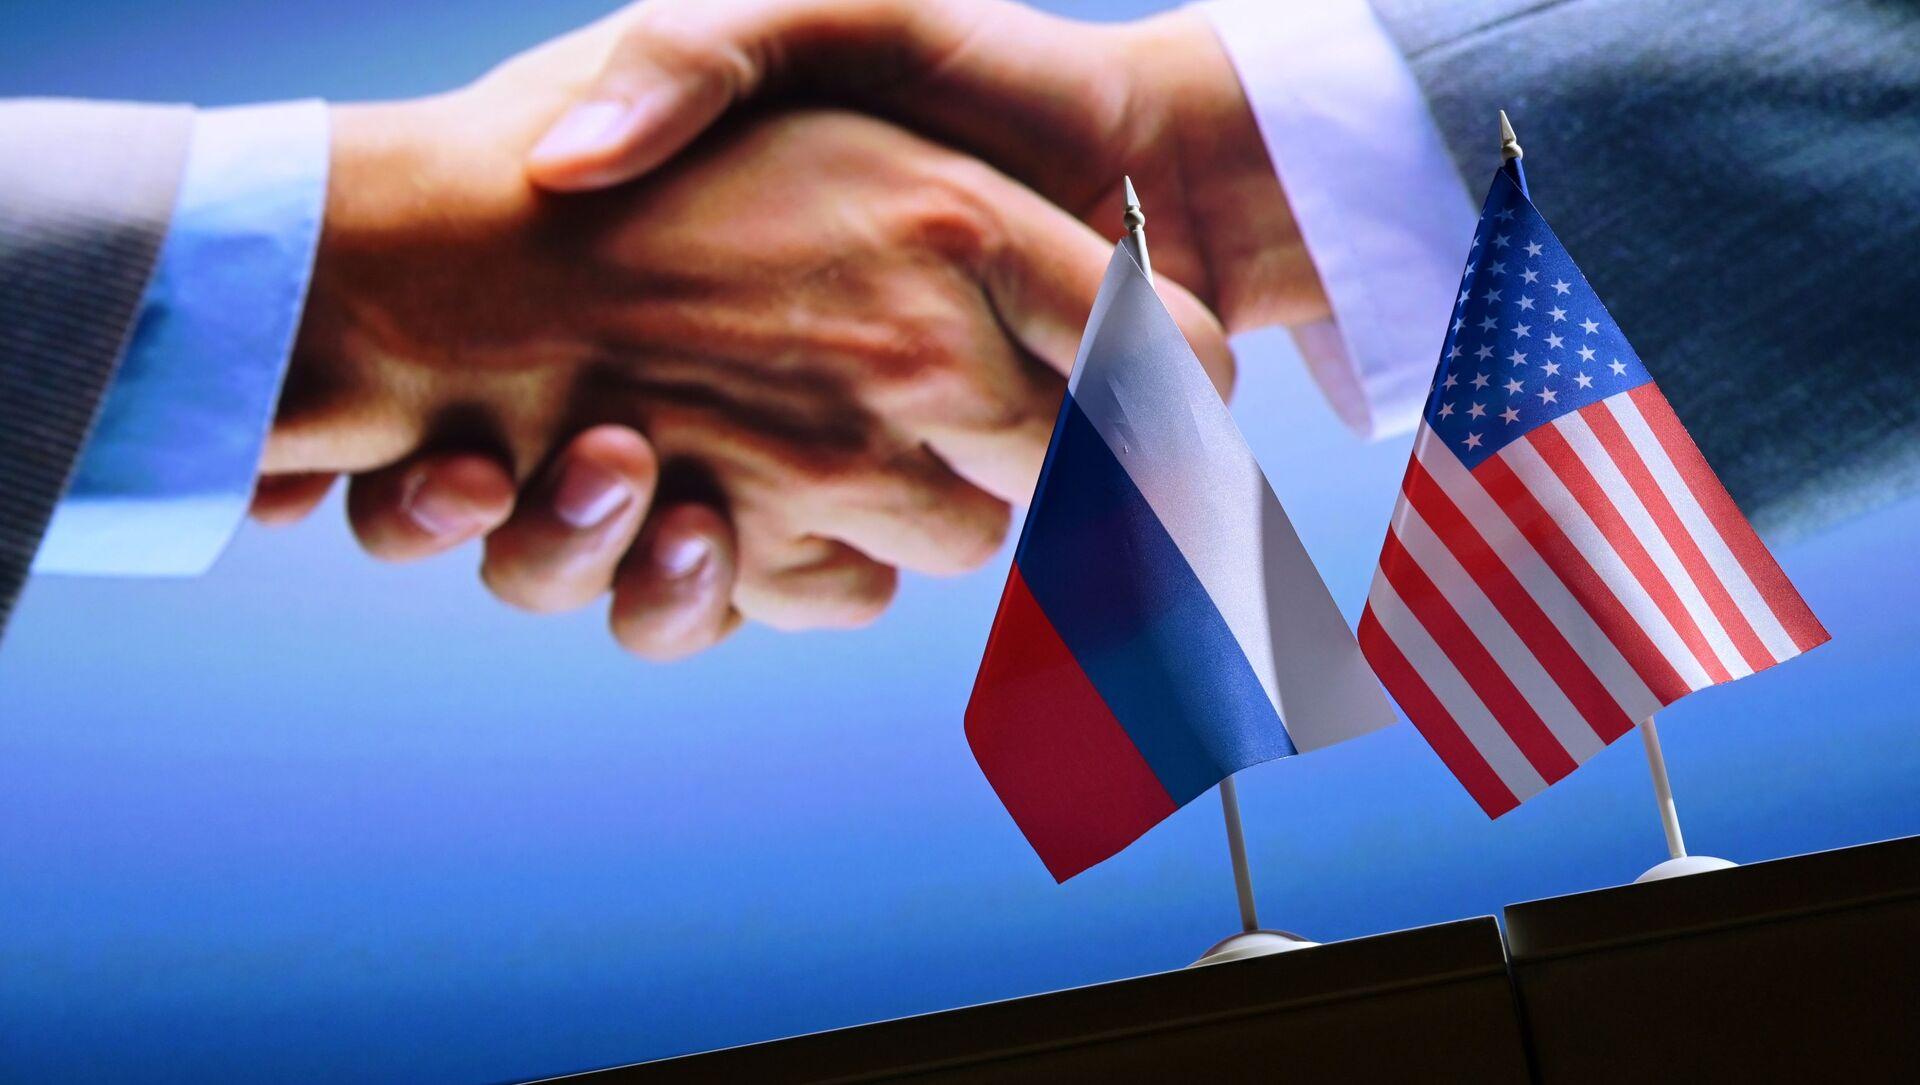 Дзяржаўныя сцягі Расіі і ЗША - Sputnik Беларусь, 1920, 14.06.2021